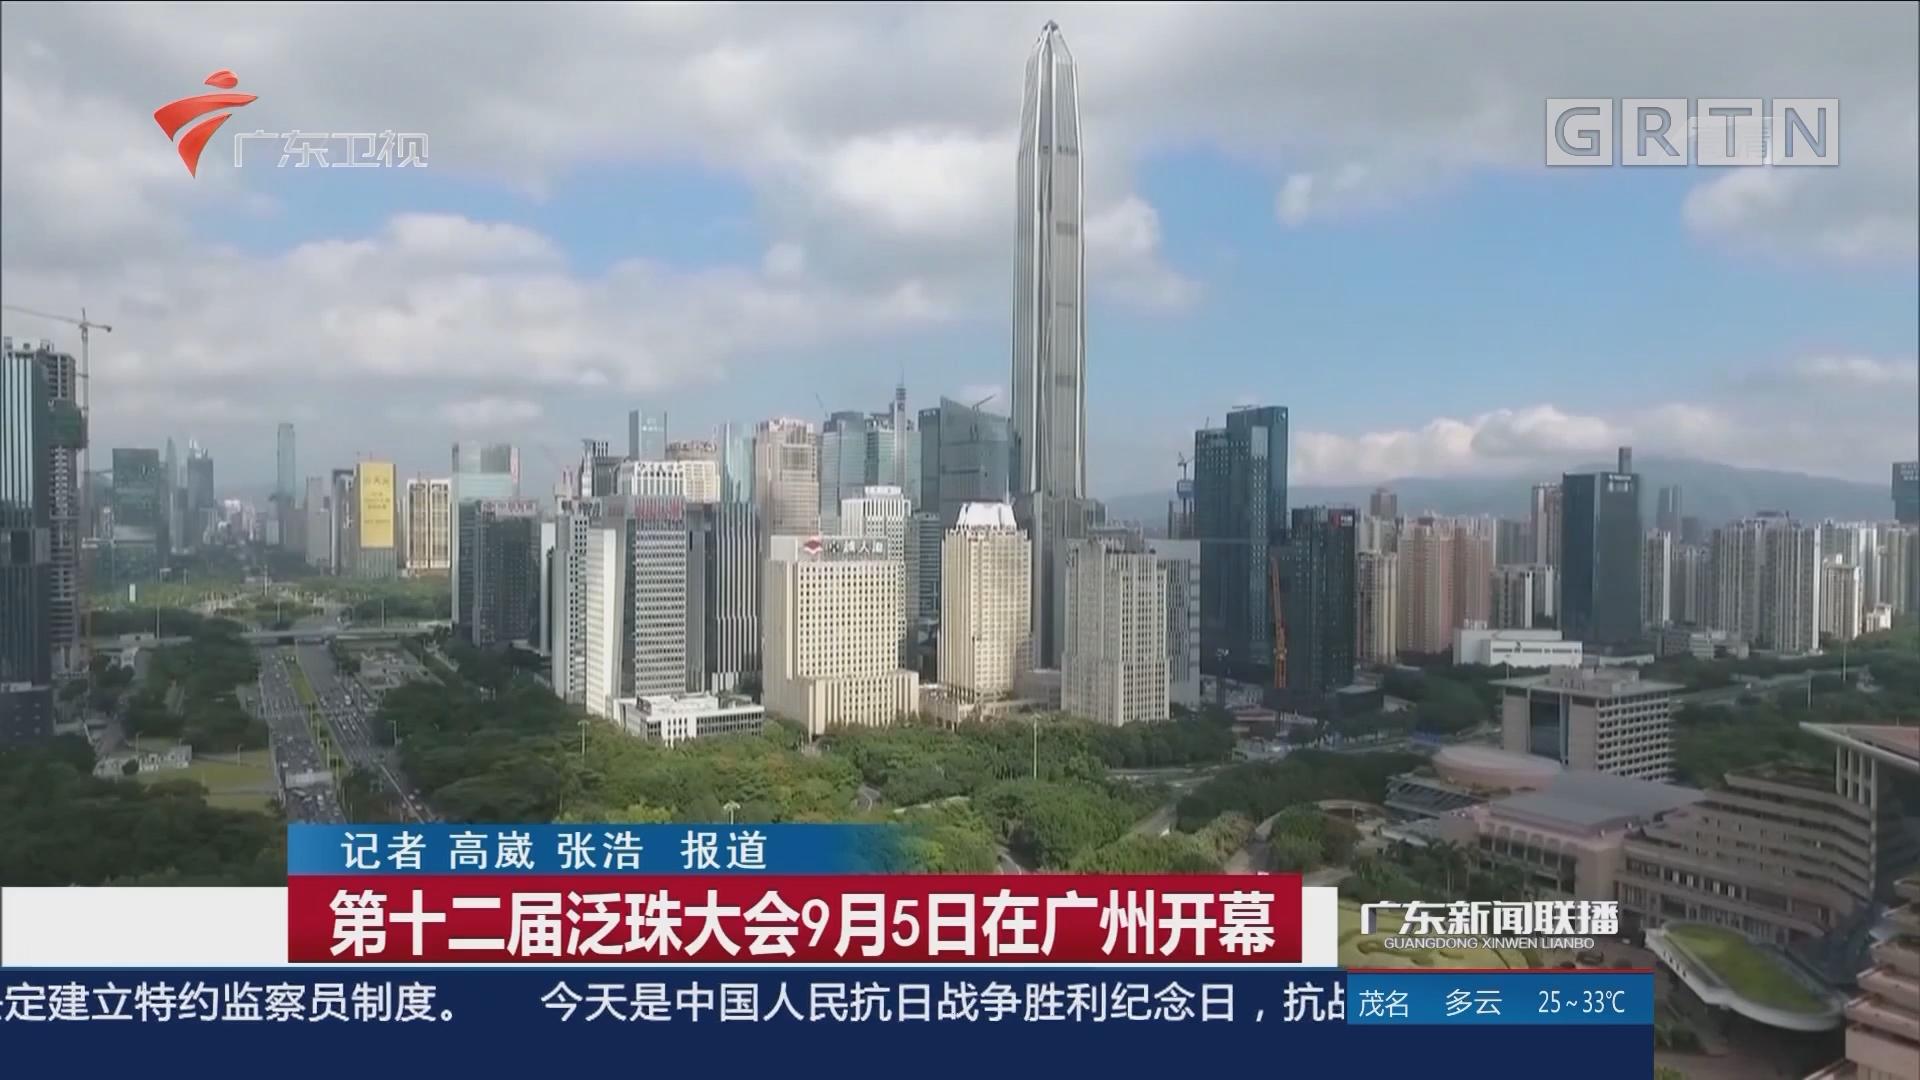 第十二届泛珠大会9月5日在广州开幕